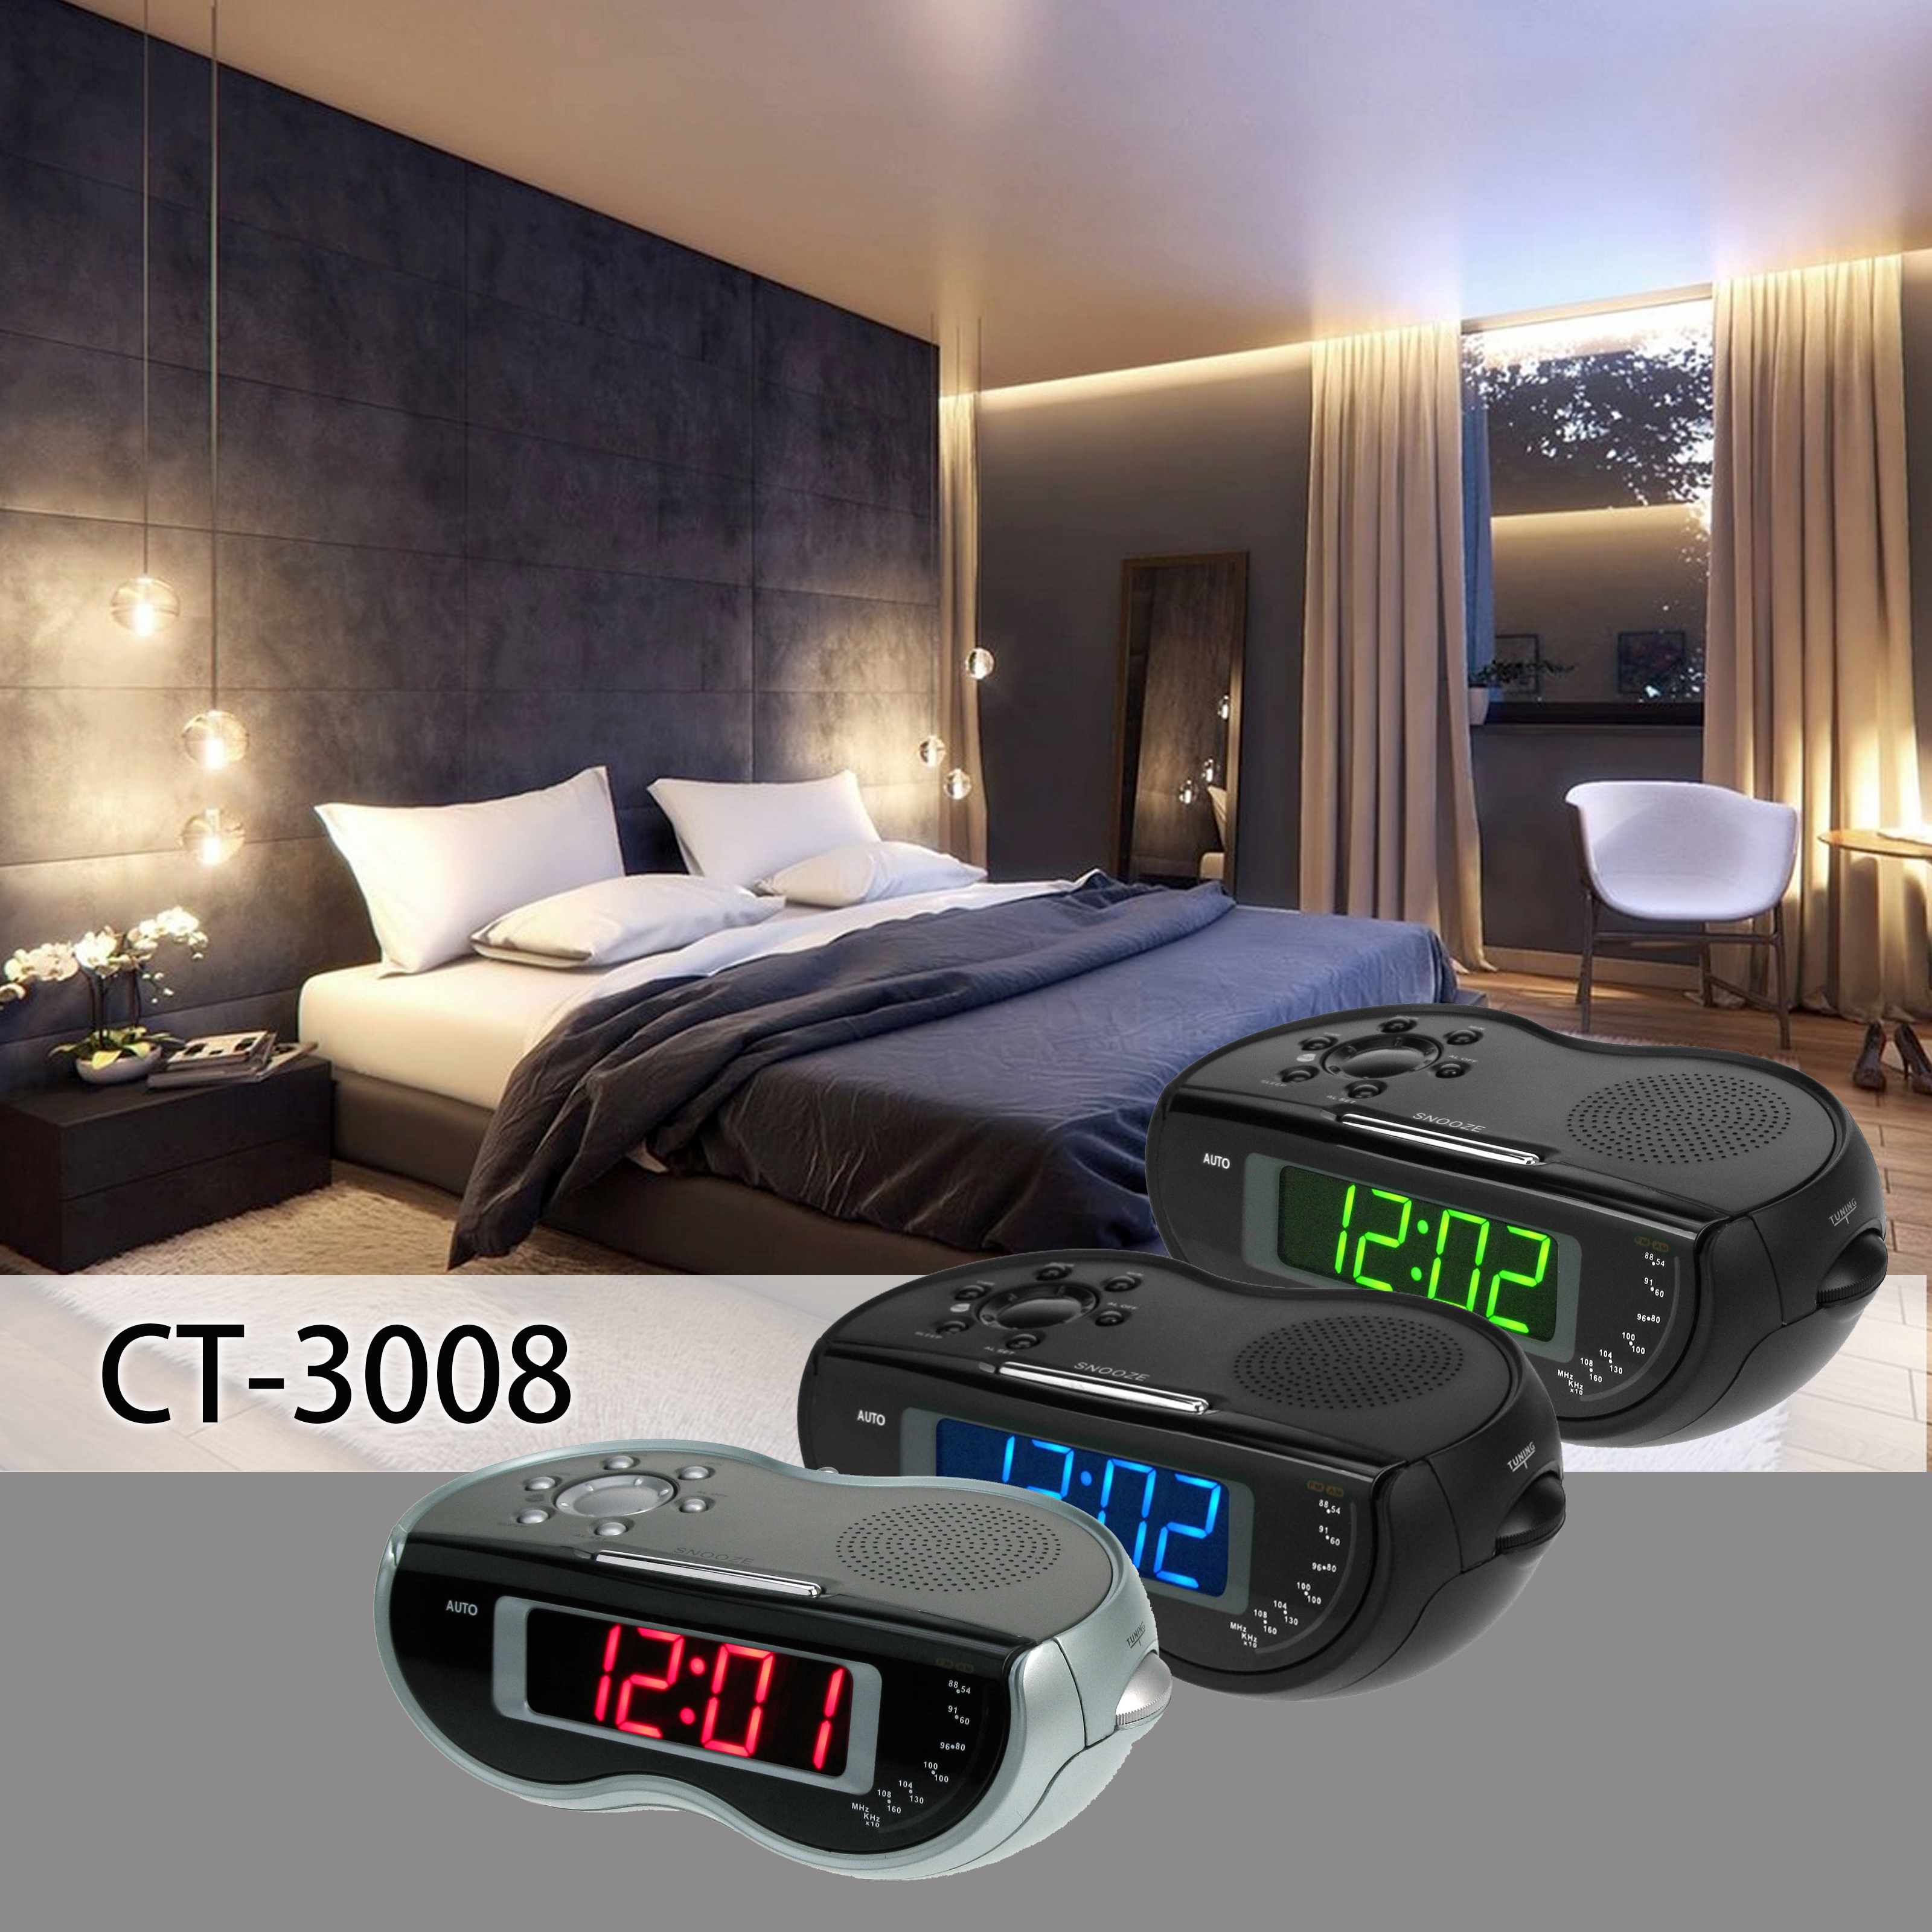 CT-3008 bedroom.jpg